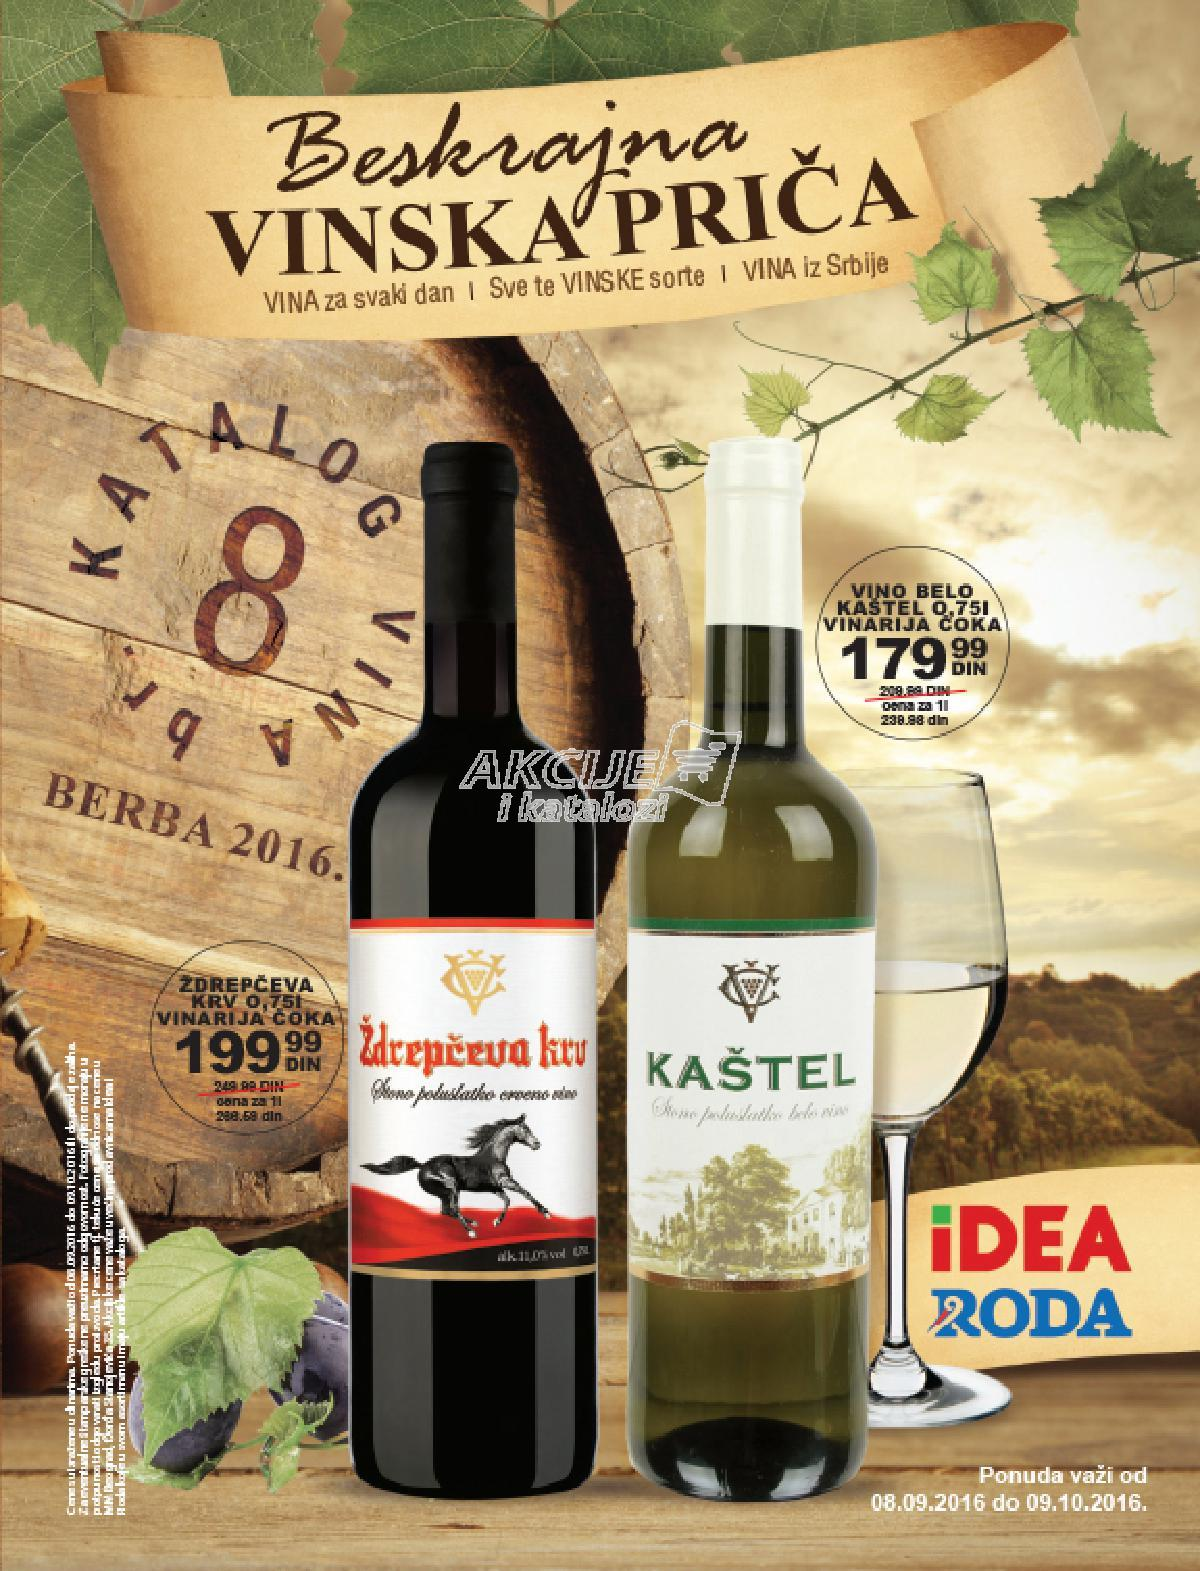 Idea - Redovna akcija katalog beskrajna vinska priča